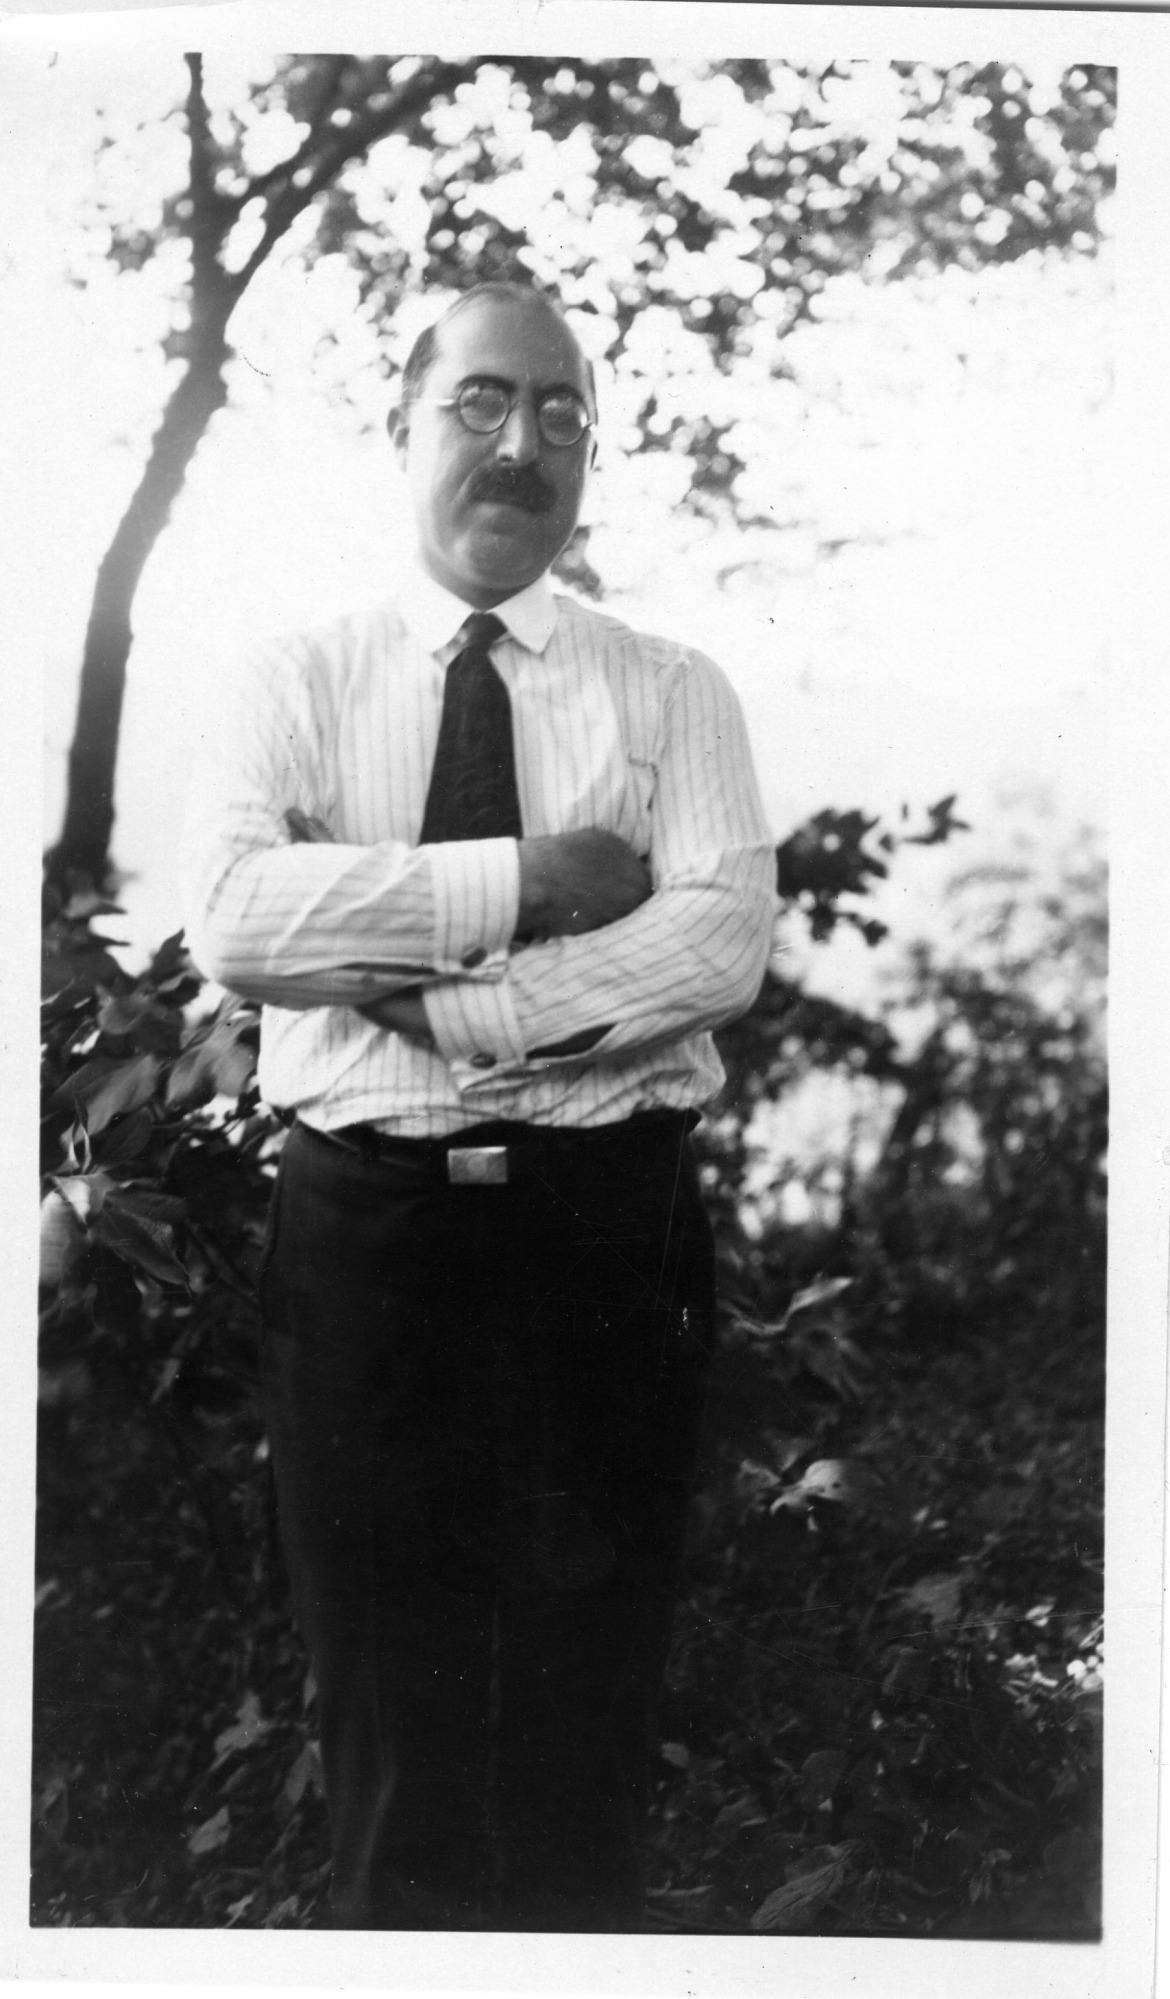 Jacob Goodale Lipman (1874-1939)